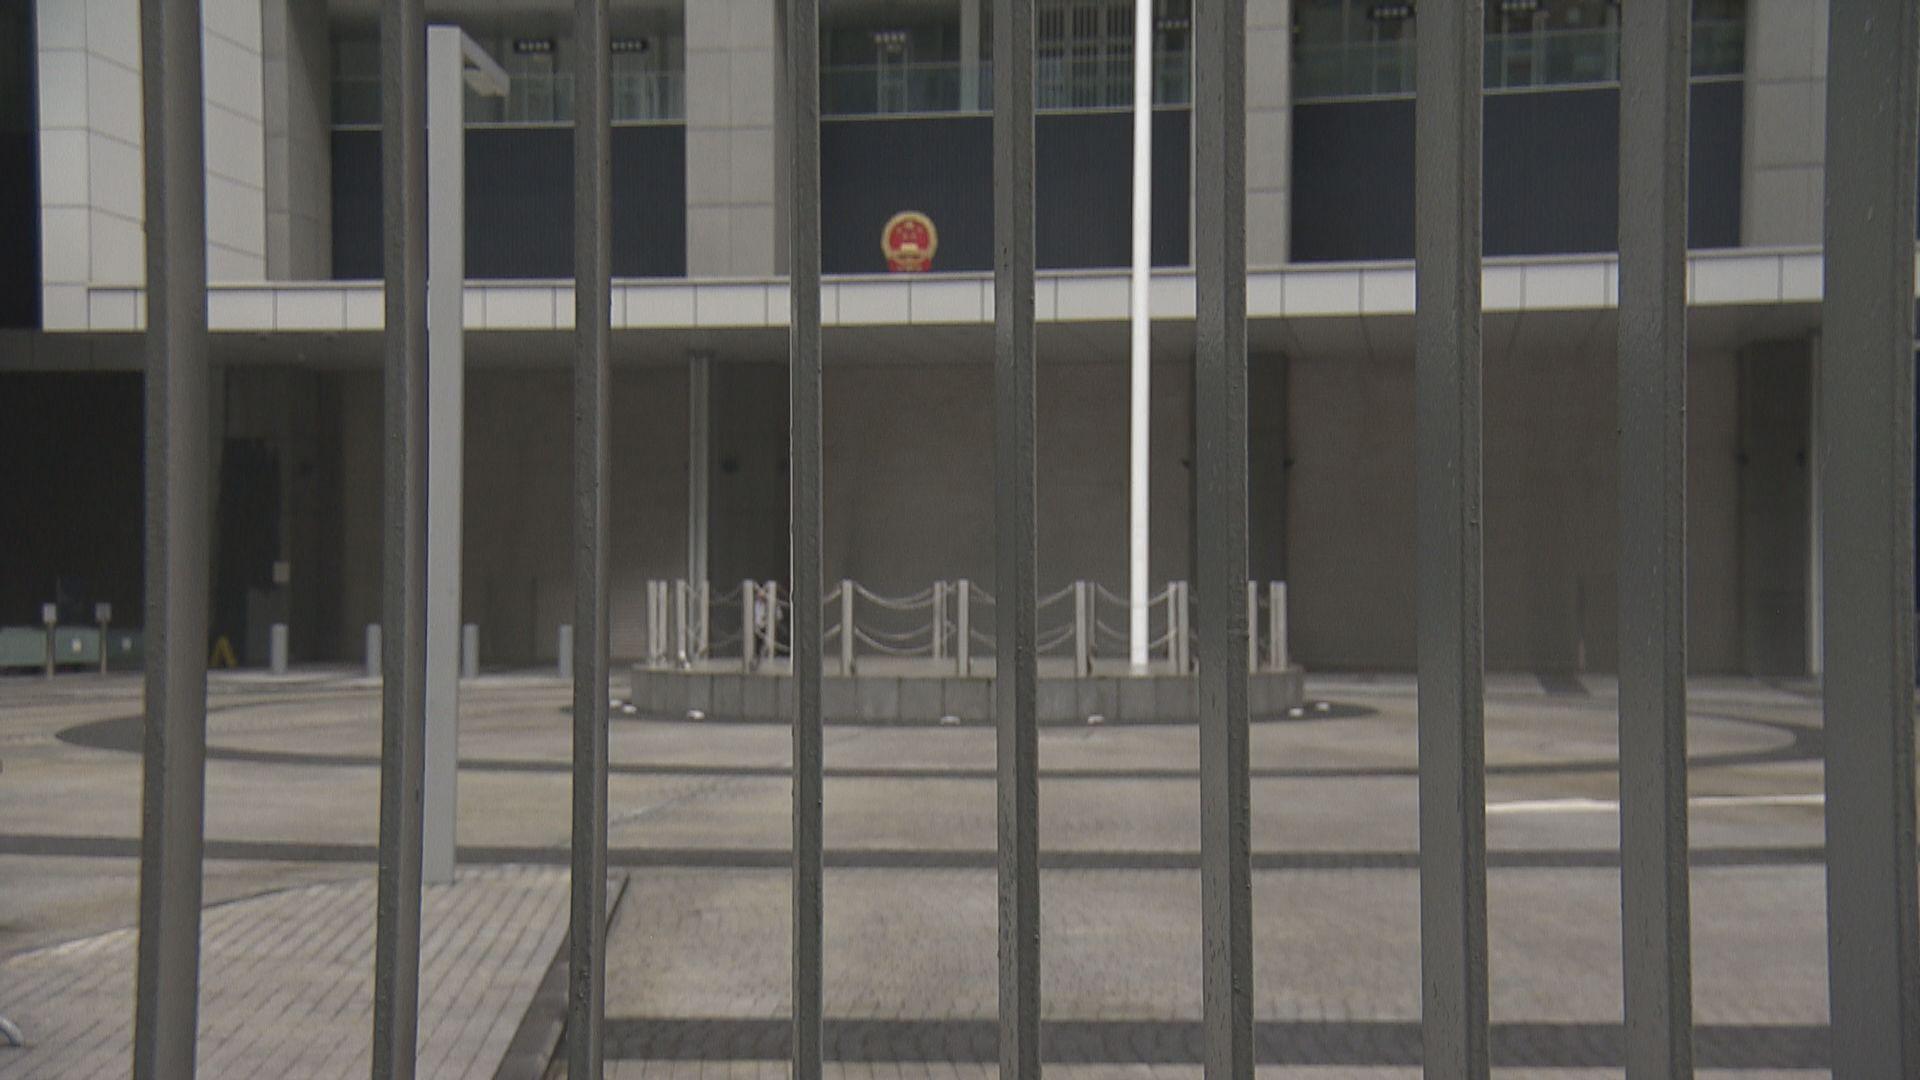 張達明:闖政總東翼前地案與行政署違憲無關